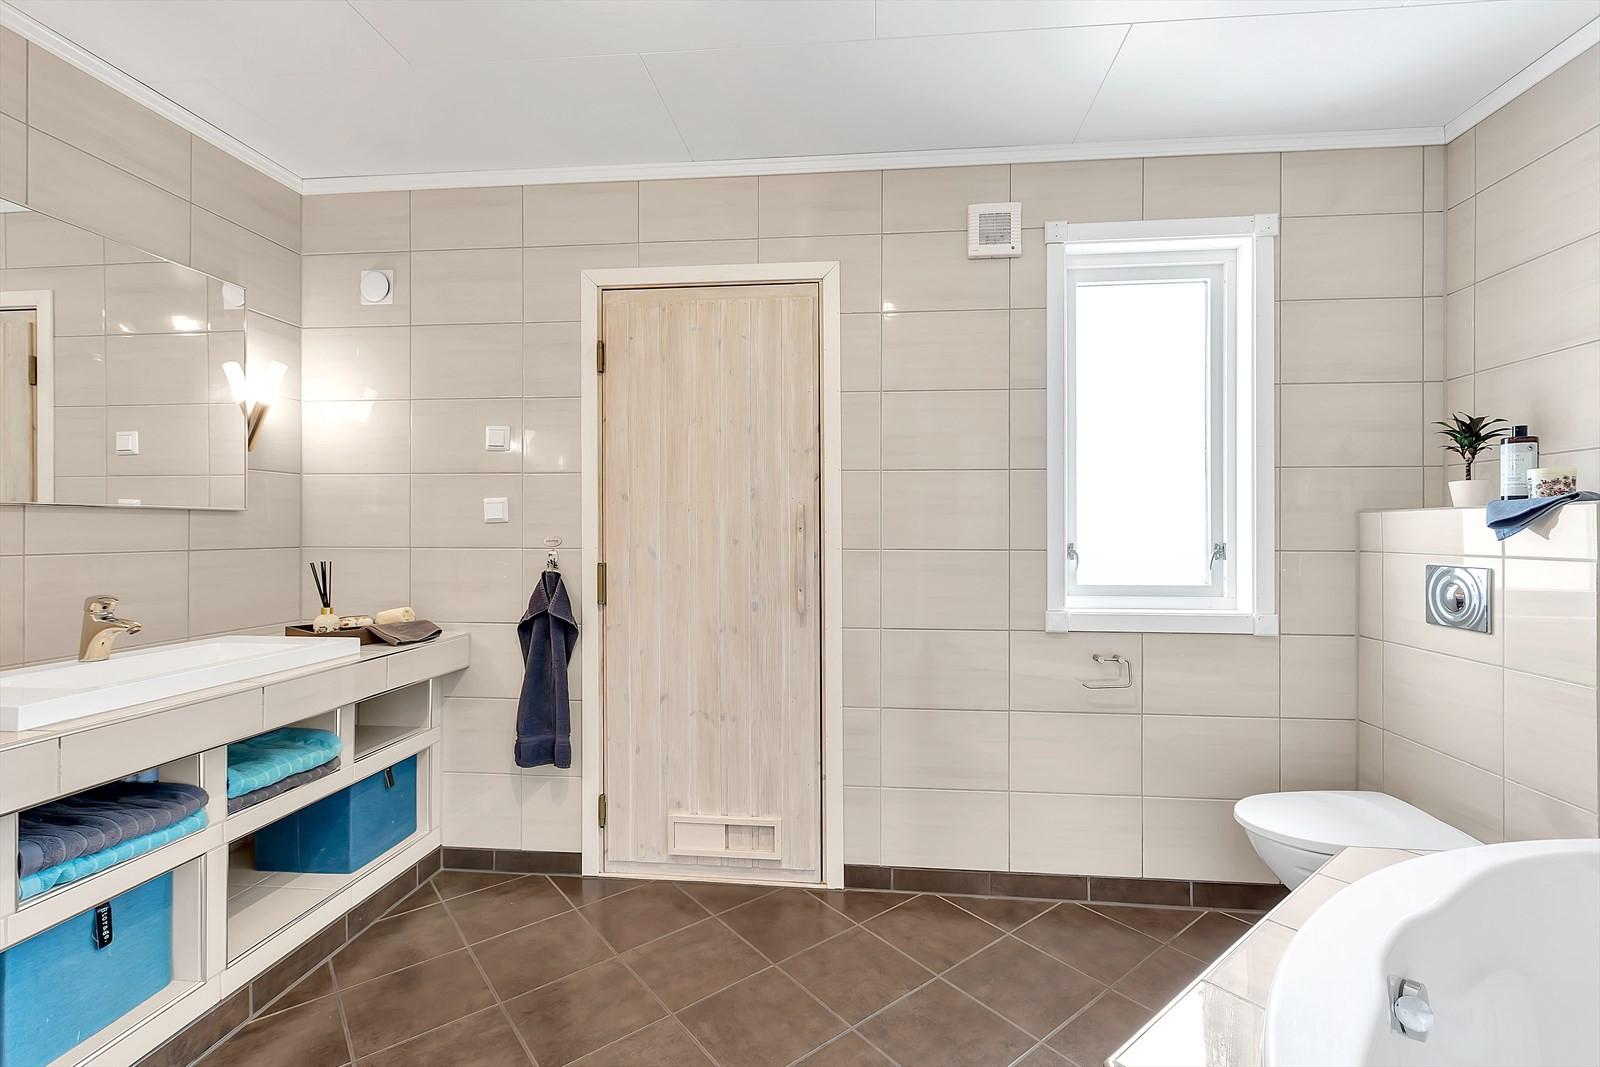 Flislagt bad med gulvvarme. Vegghengt WC. Stor baderomsinnredning. med god oppbevaringsplass.